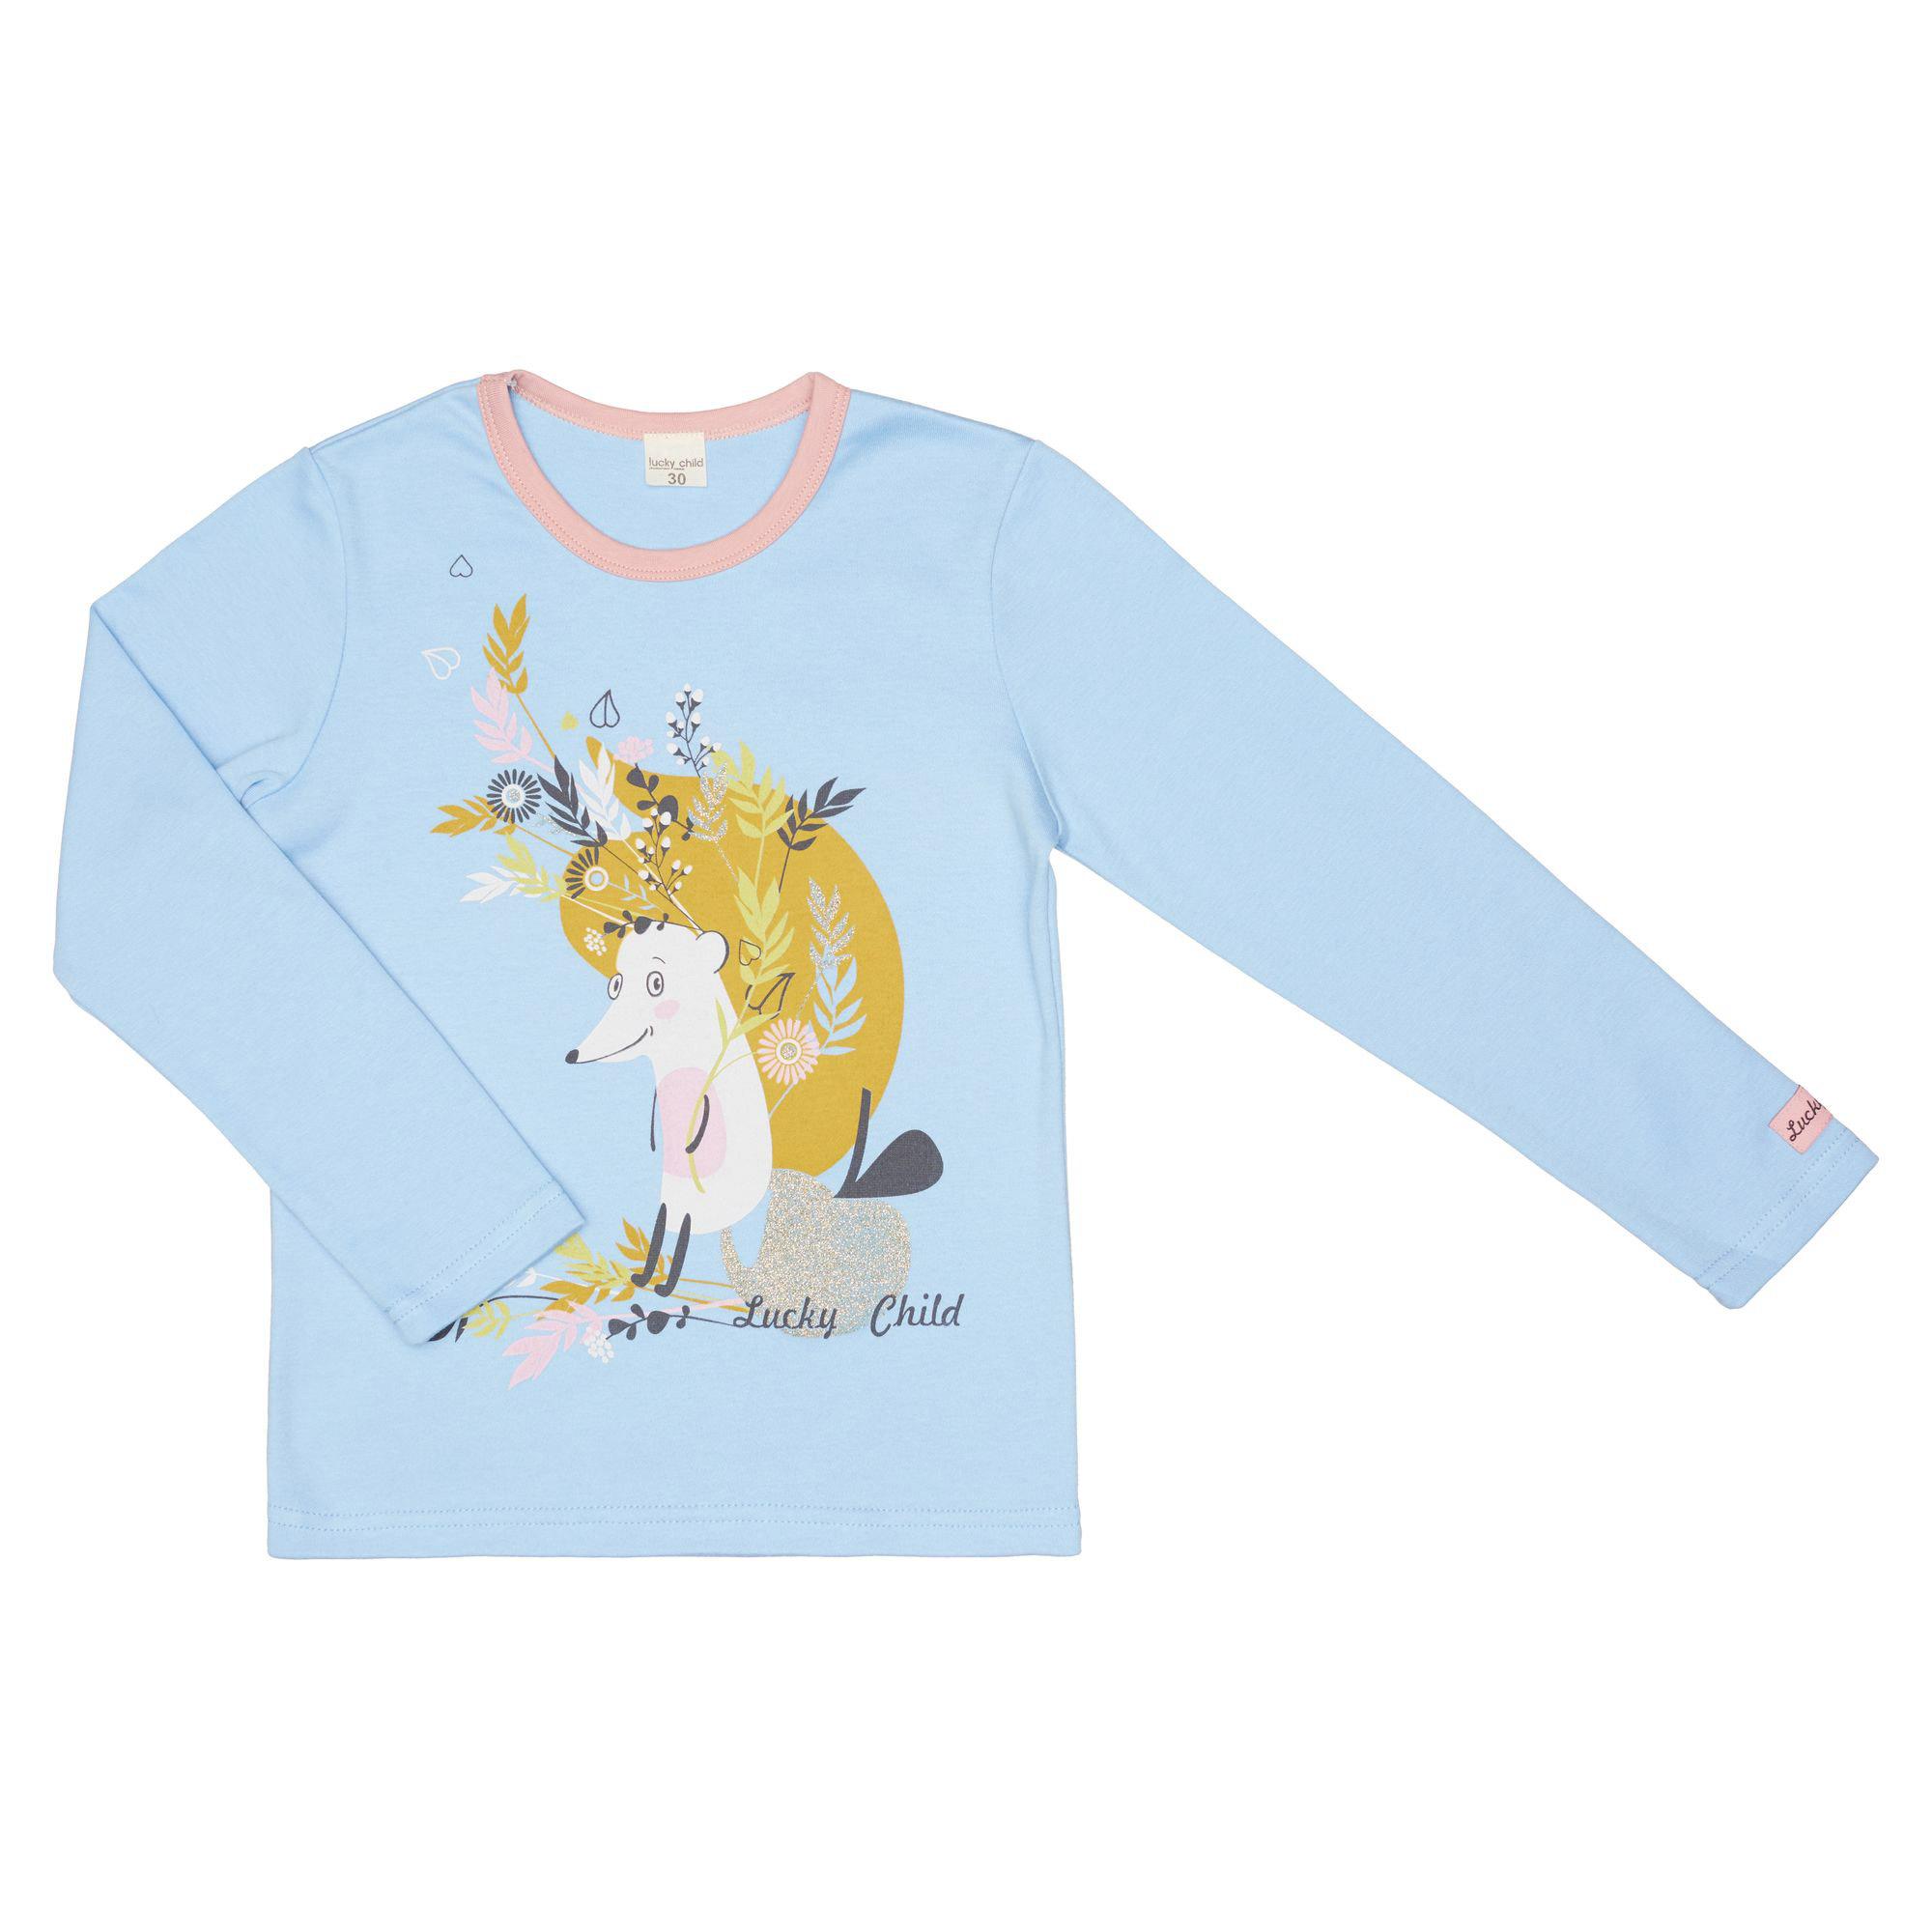 Купить Лонгслив Lucky Child Осенний лес 116-122, Голубой, Кулирка, Для девочек, Осень-Зима,